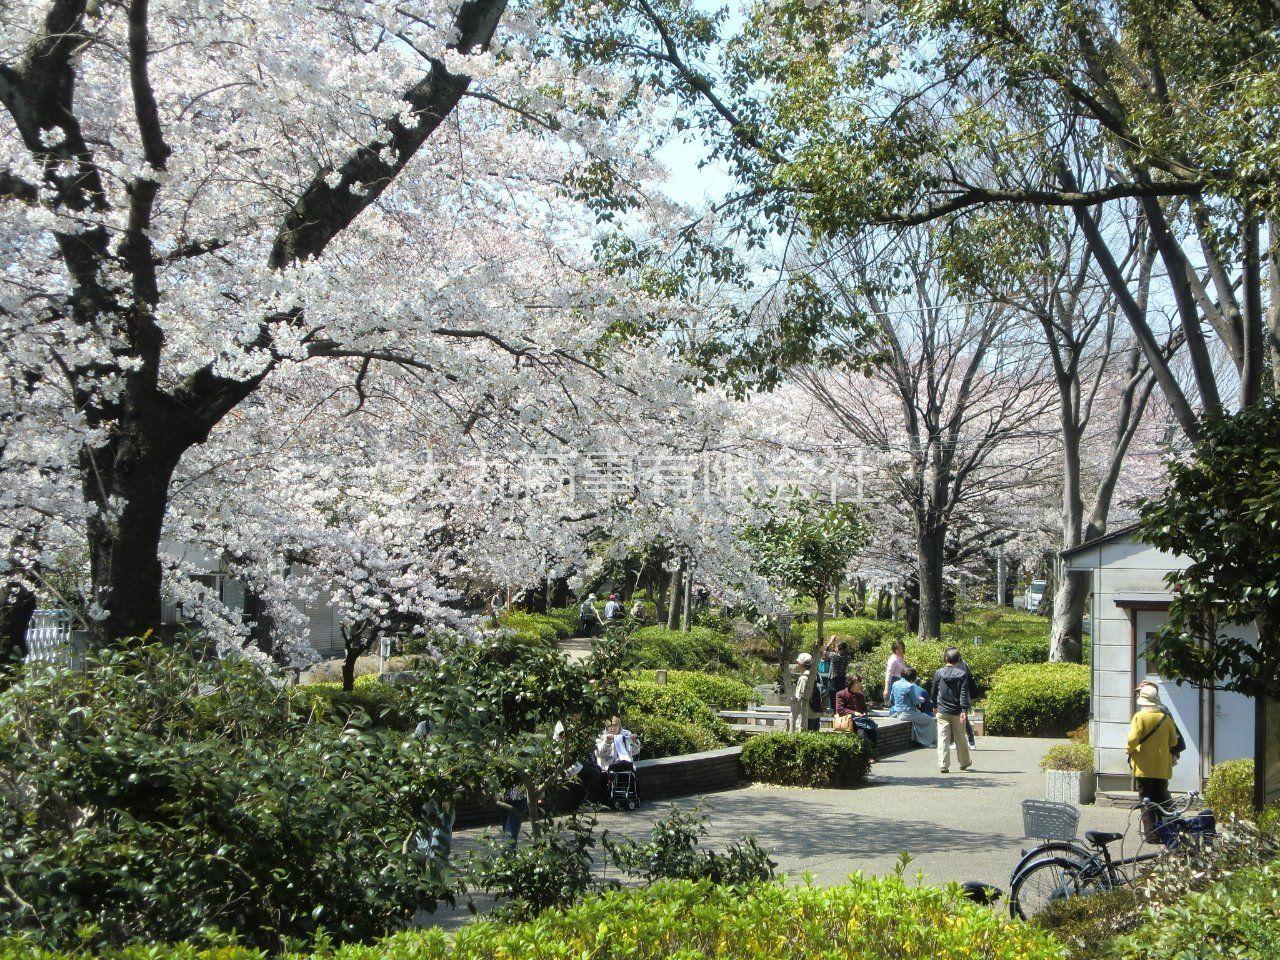 春には桜が咲きます。ペットの散歩コースにどうぞ。